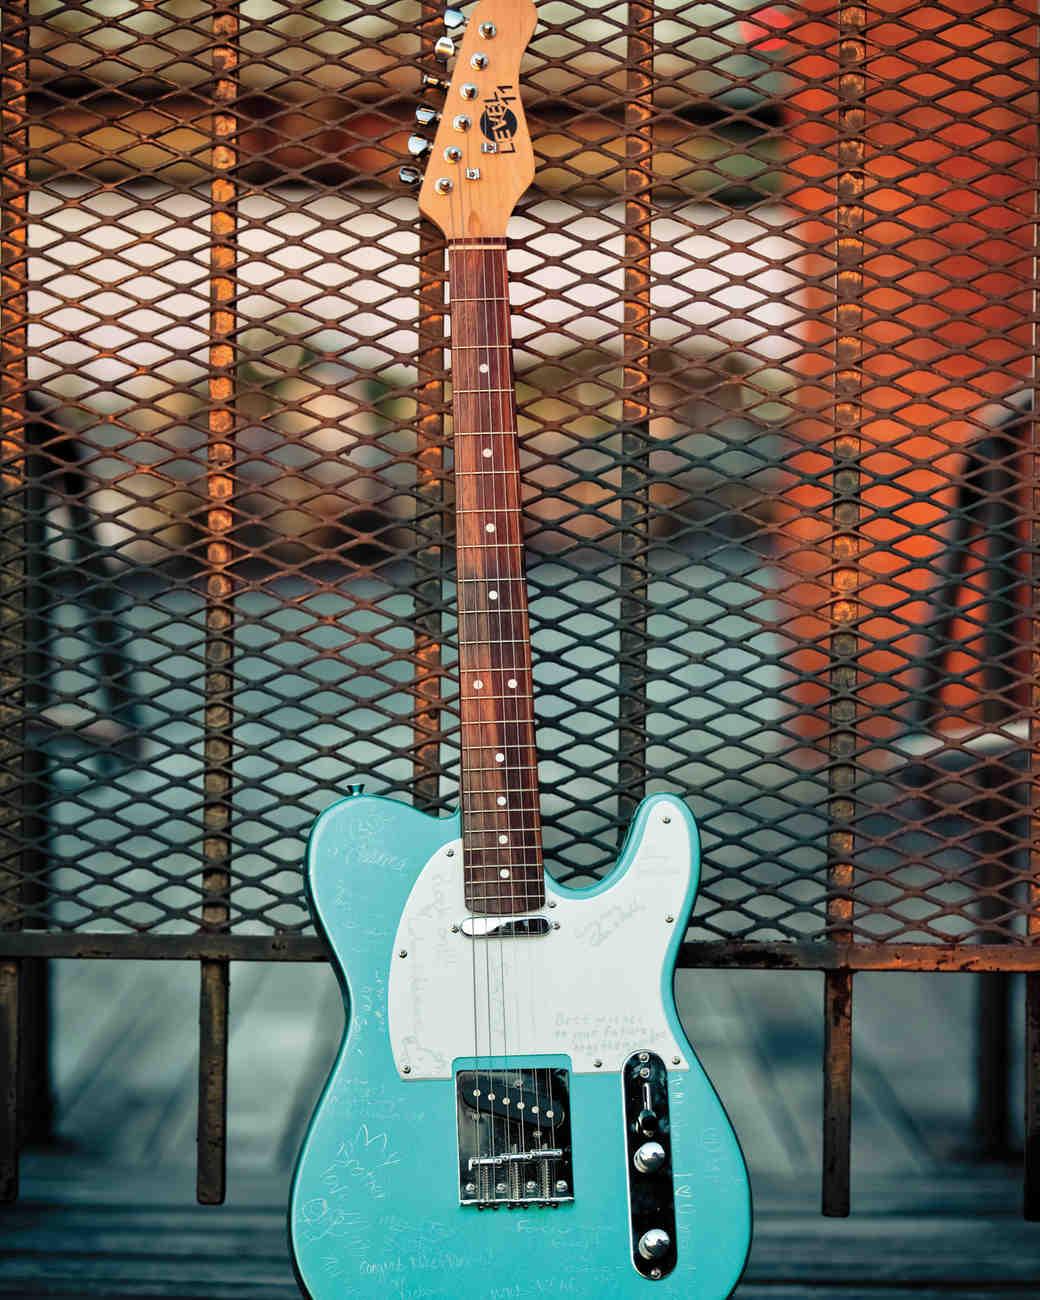 vanessa-michael-guitar-mwds107762.jpg